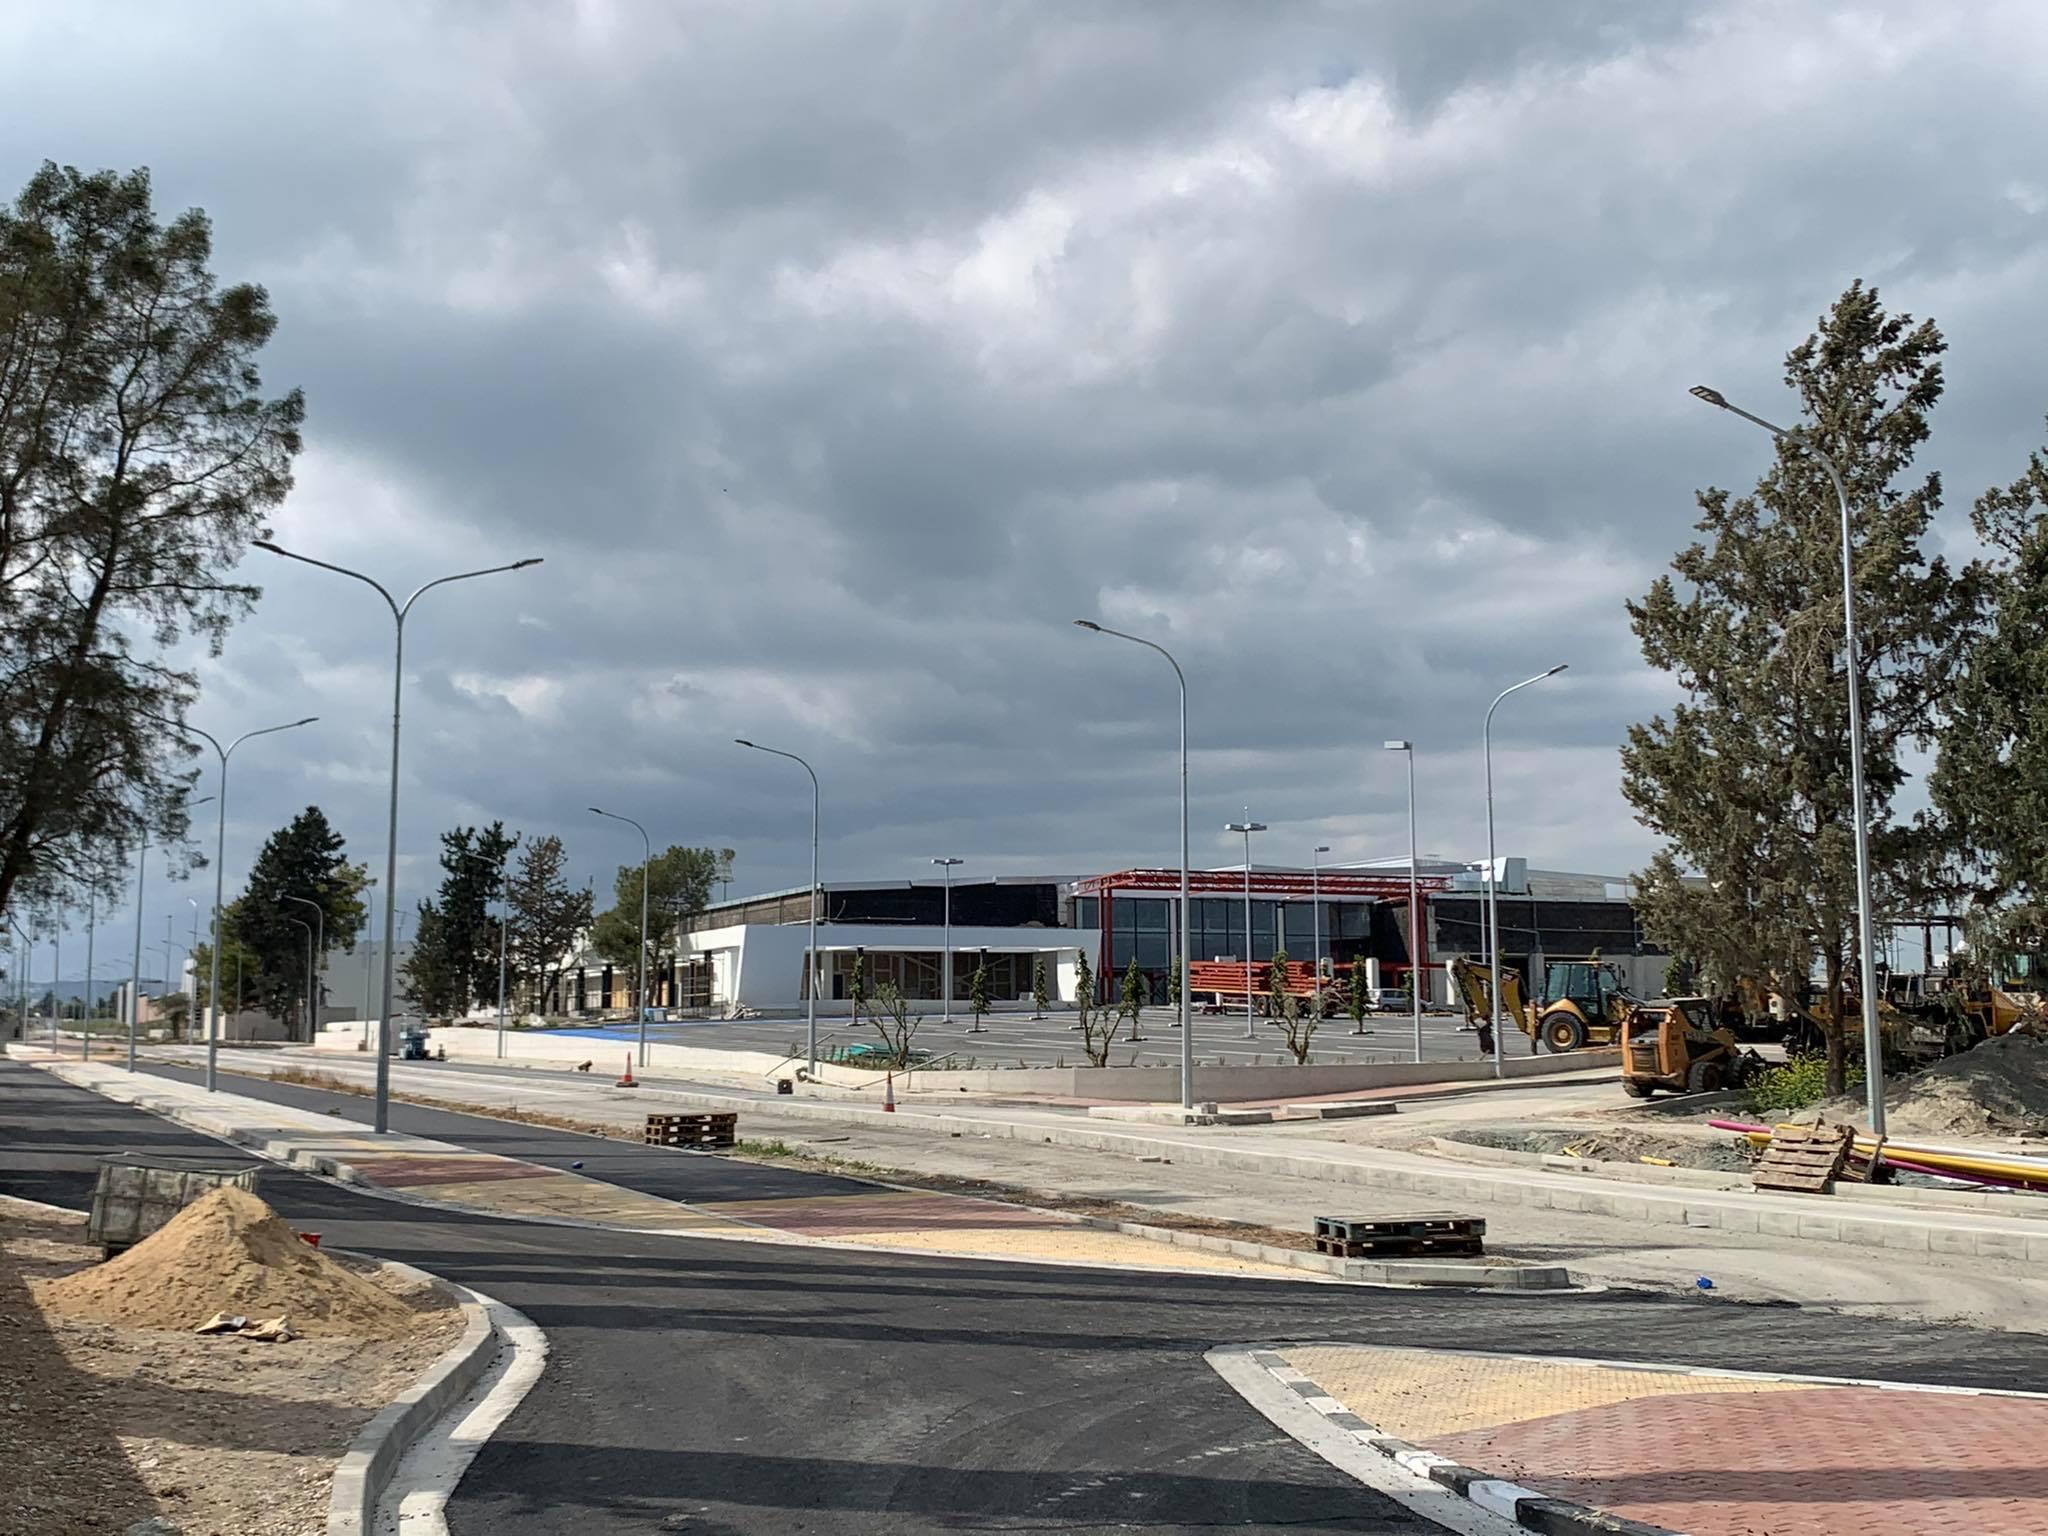 Το Mall στη Λάρνακα ανοίγει τις πύλες του το καλοκαίρι